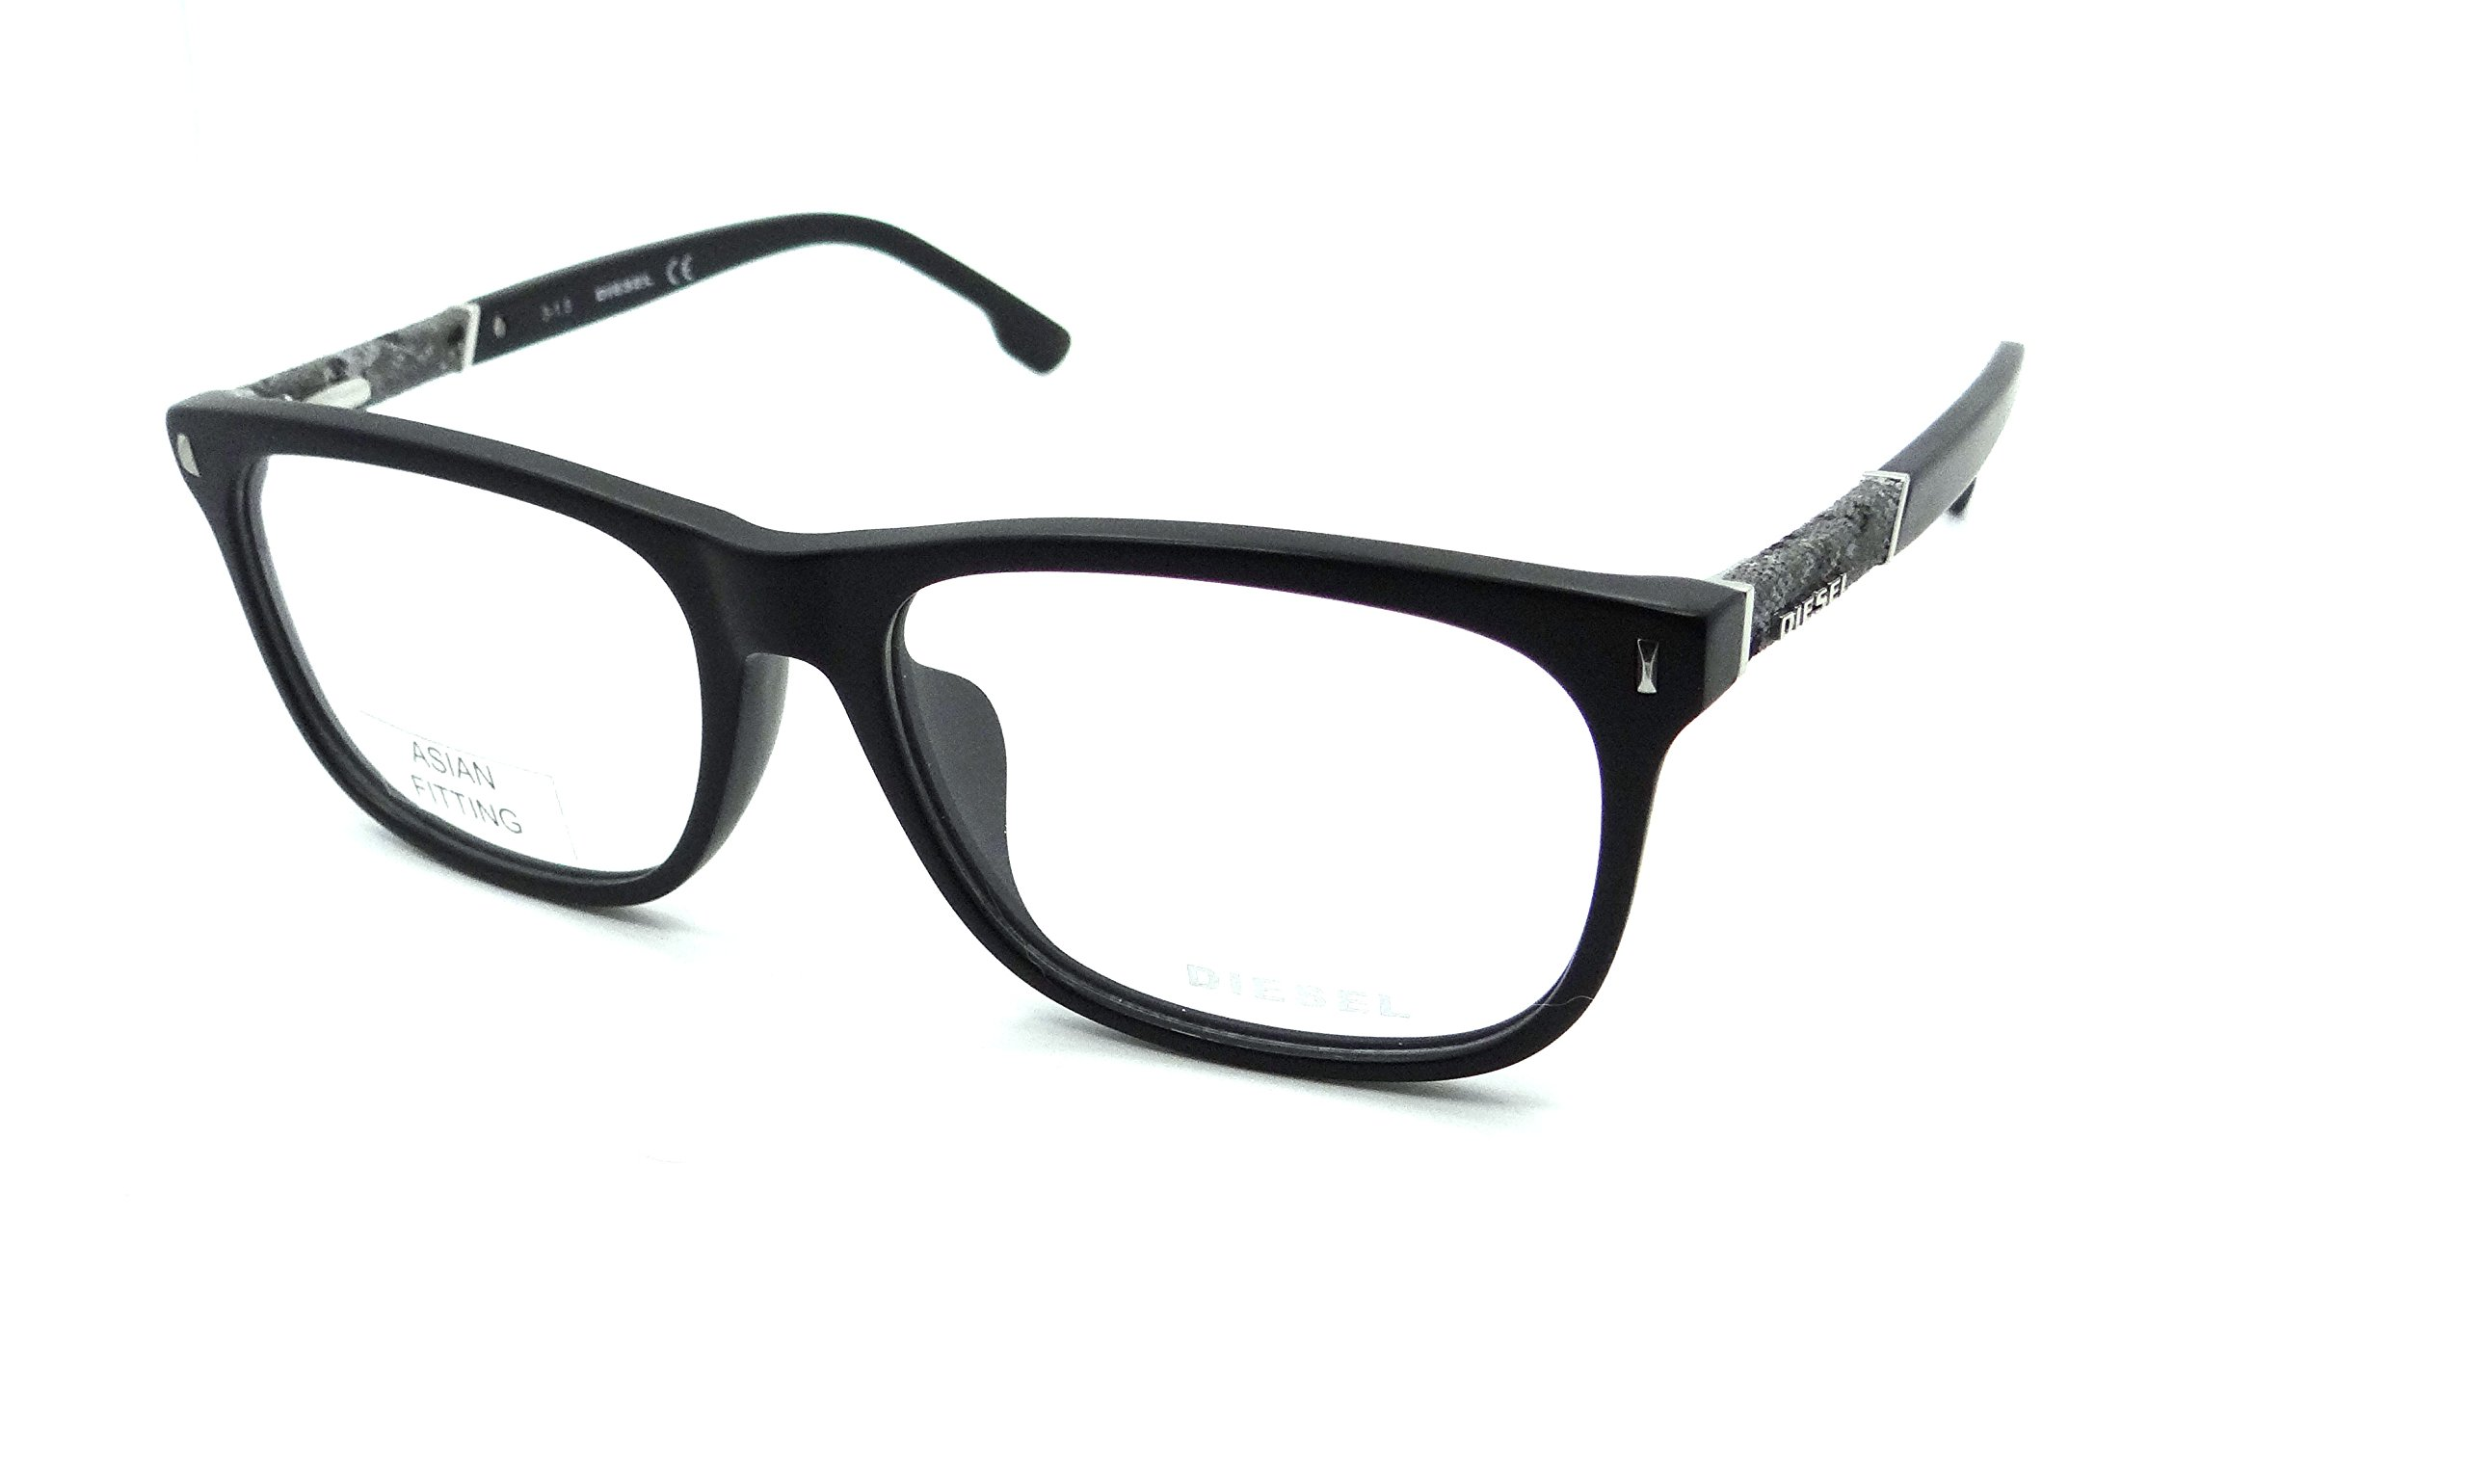 Diesel Rx Eyeglasses Frames DL5157-F 002 58-17-150 Matte Black / Denim Asian Fit